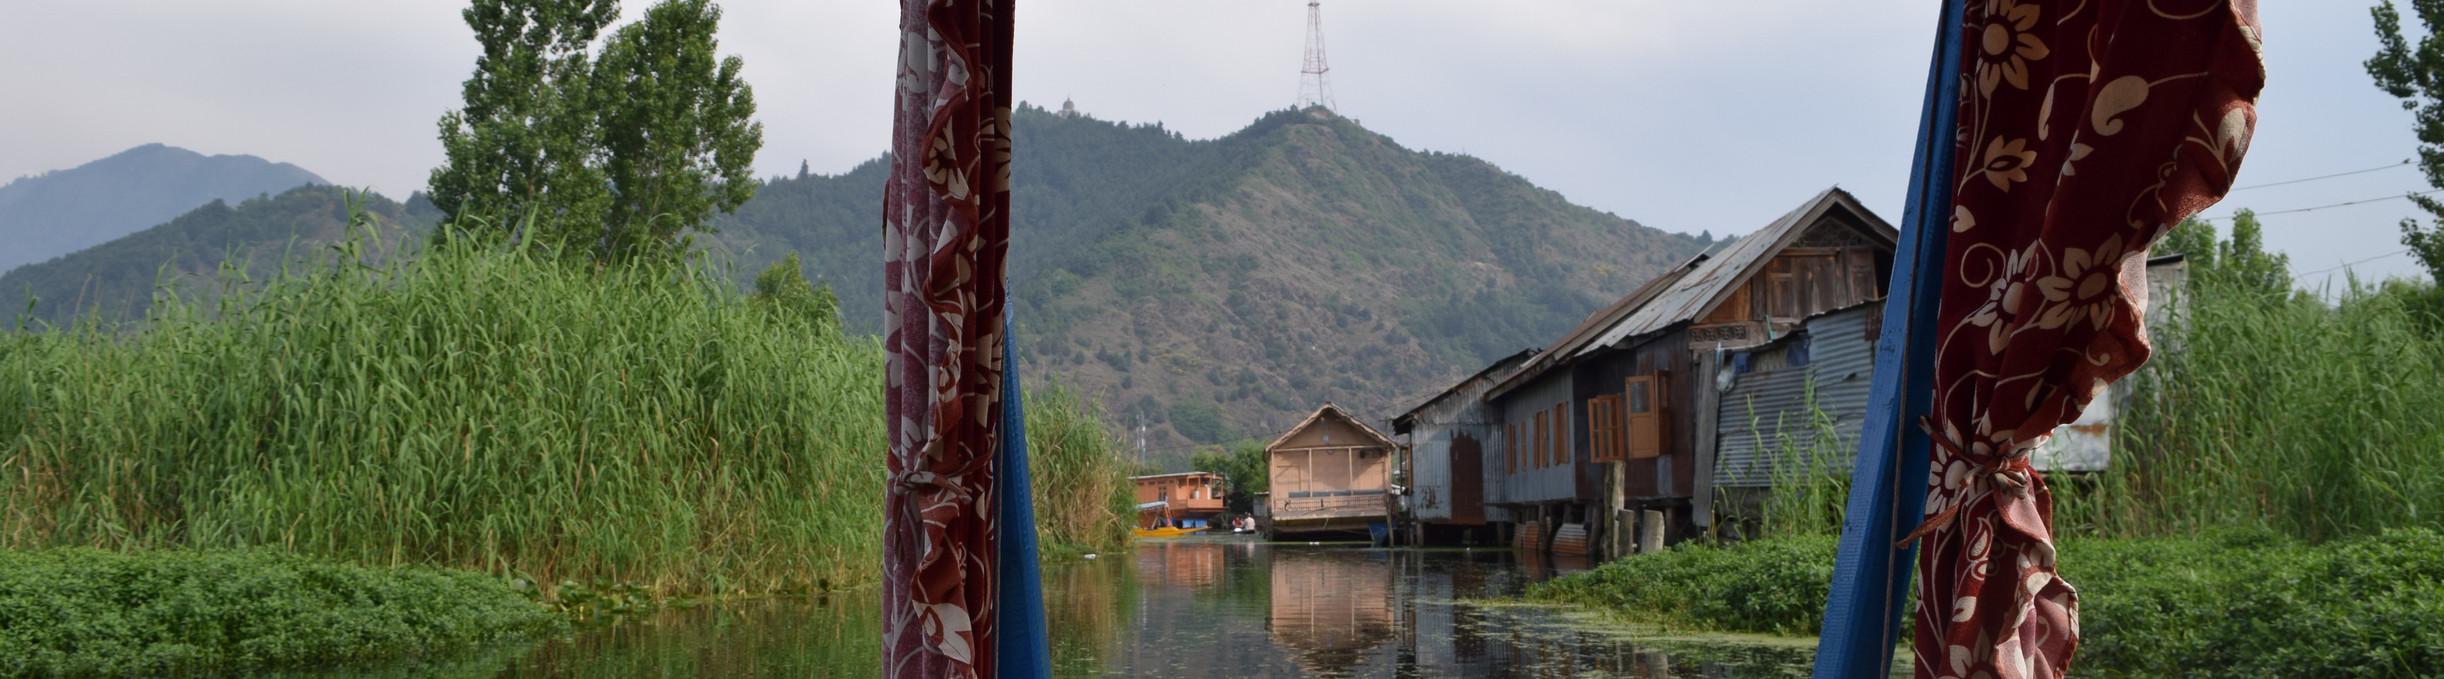 Srinigar, Kashmir